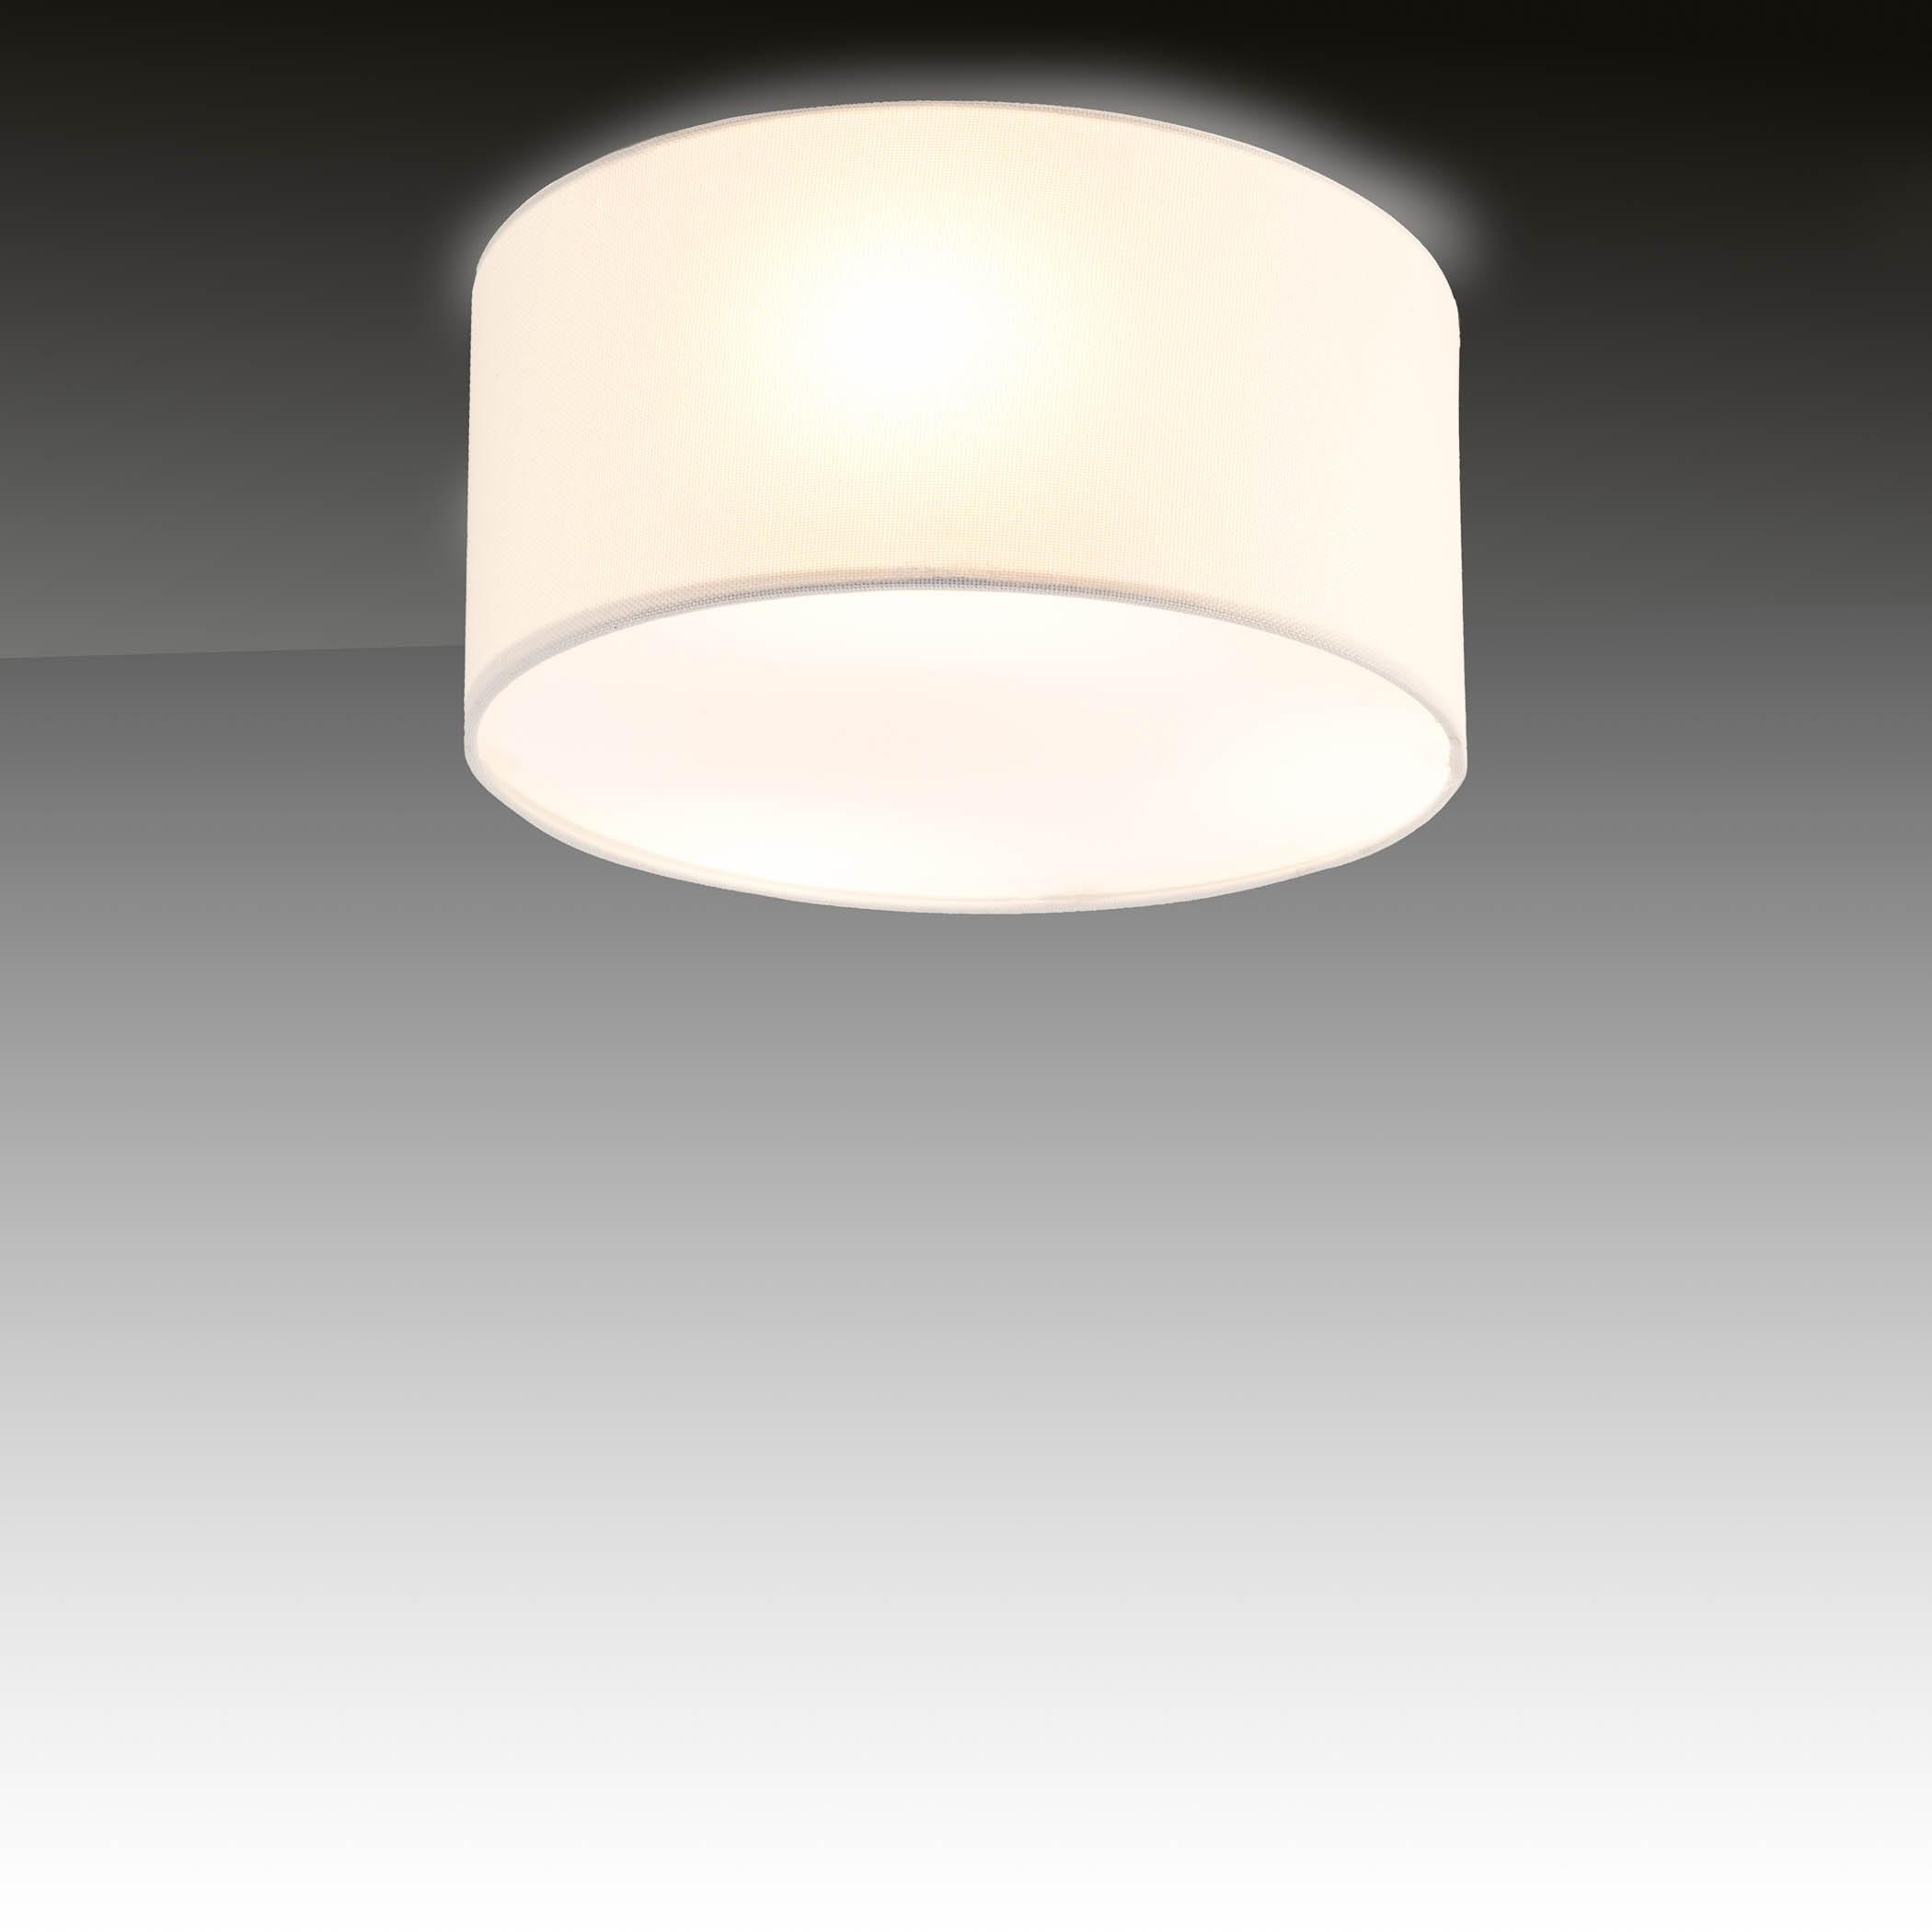 deckenlampe wei stoff textil 3x led lampe e27 5w deckenleuchte rund sebson ebay. Black Bedroom Furniture Sets. Home Design Ideas